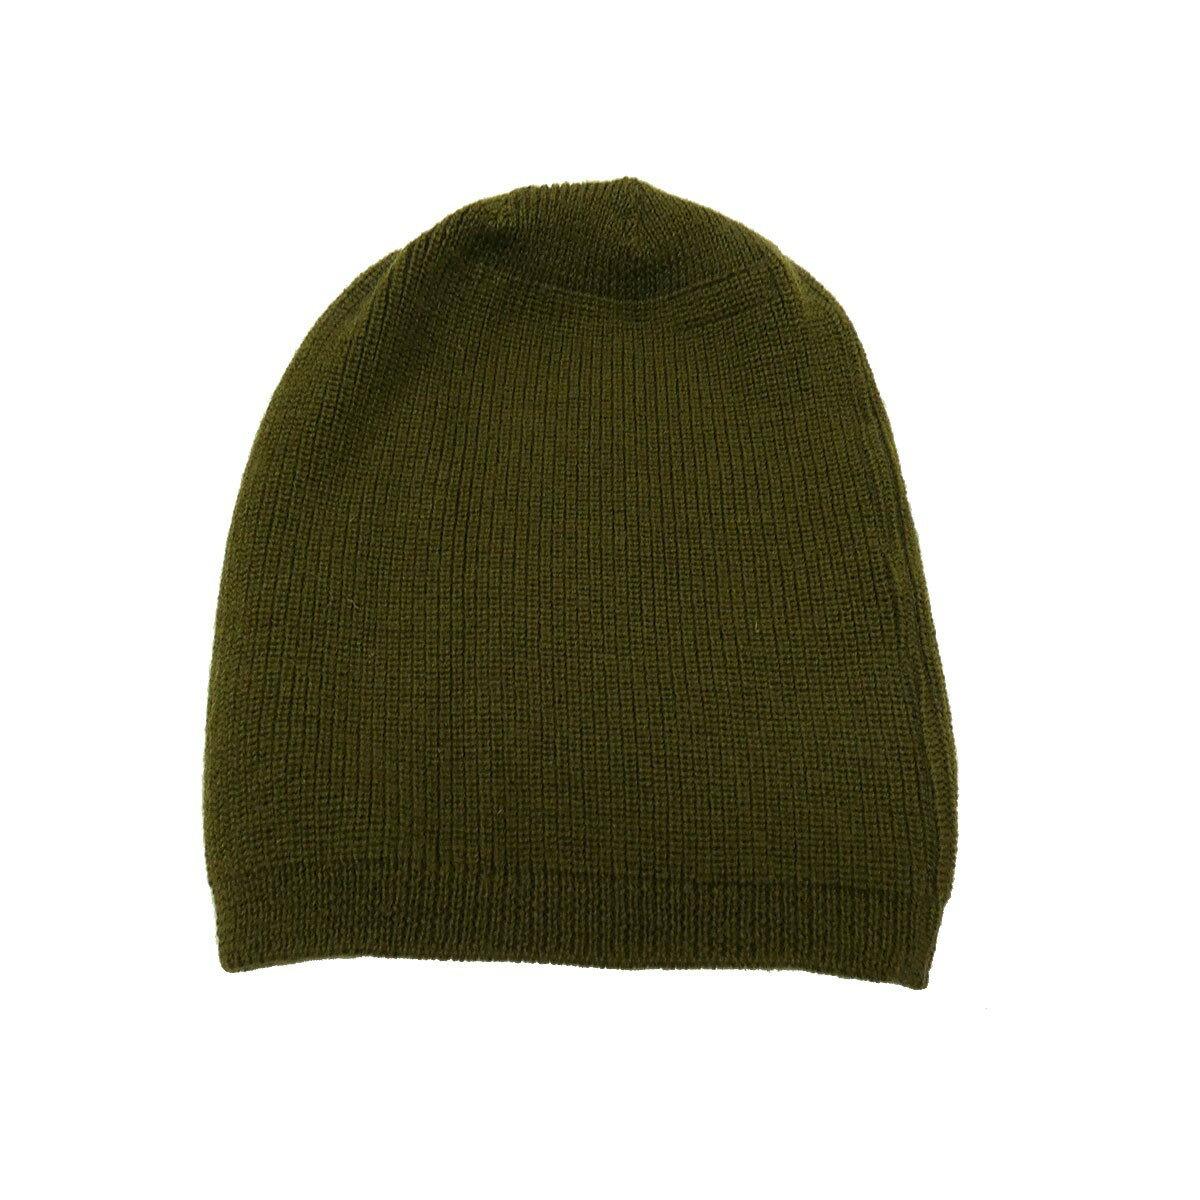 メンズ帽子, ニット帽 ATLAST CO 230821